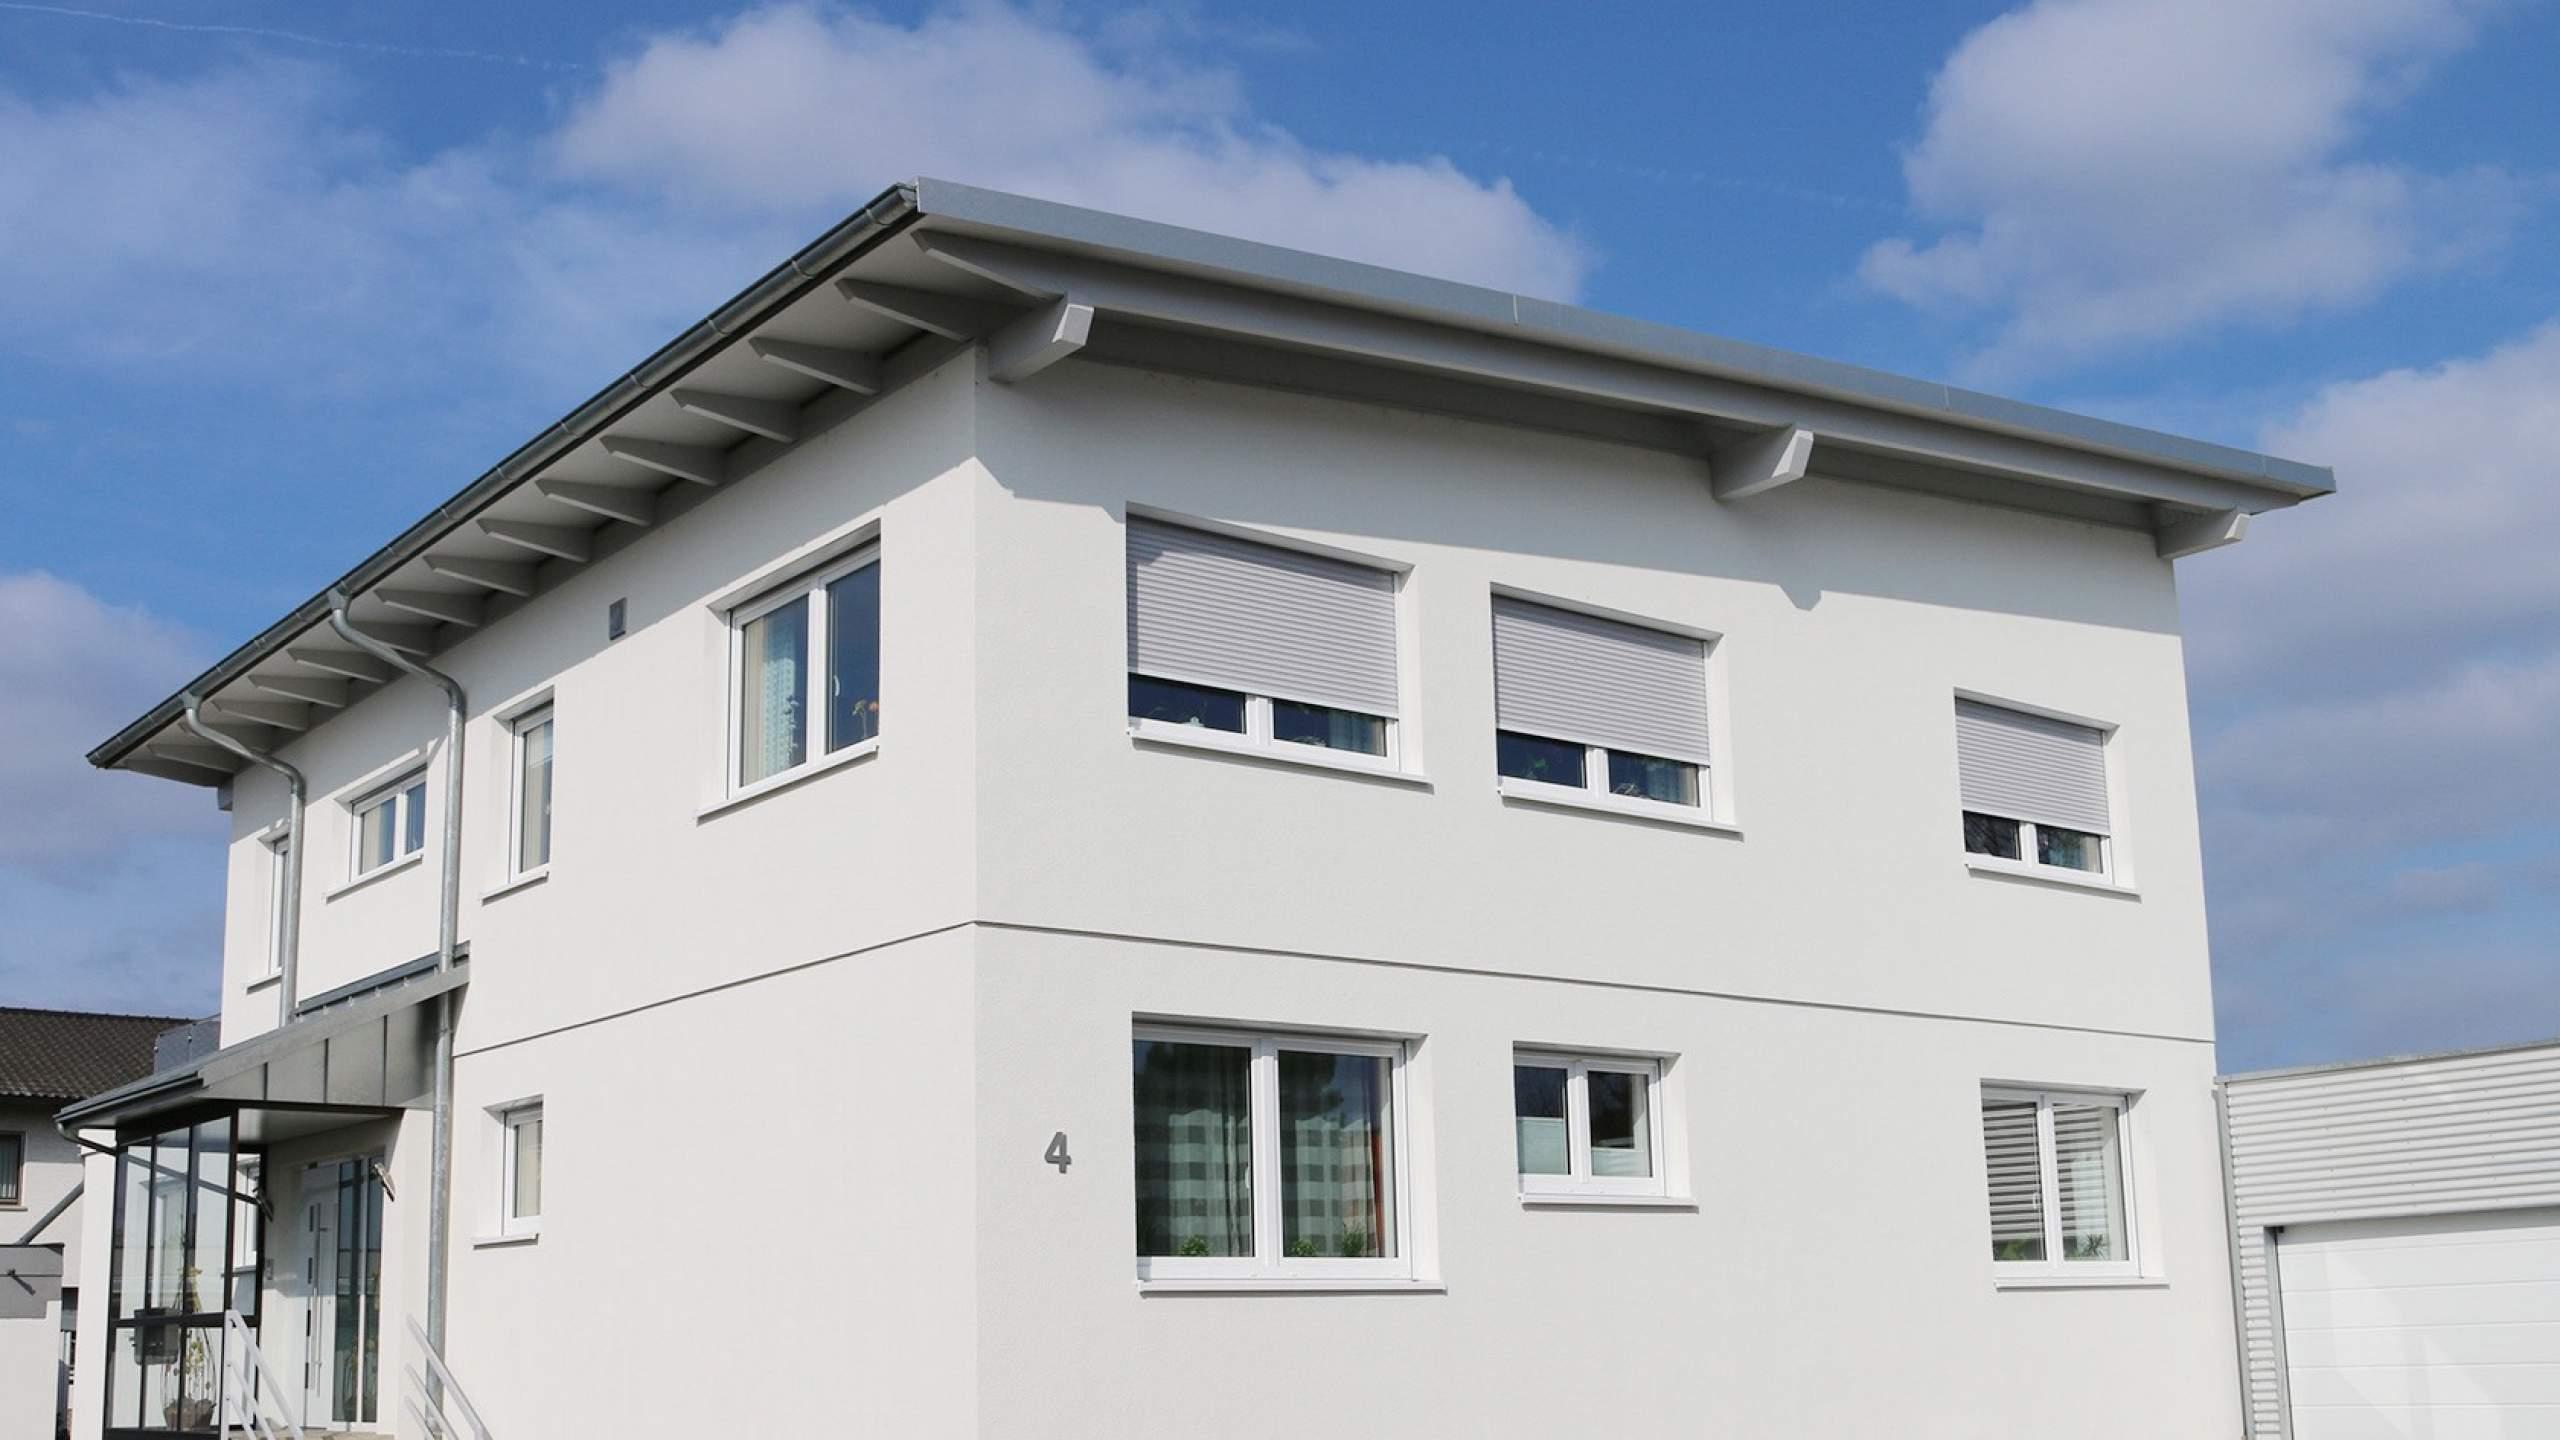 Mehrfamilienwohnhaus Modern mit Pultdach